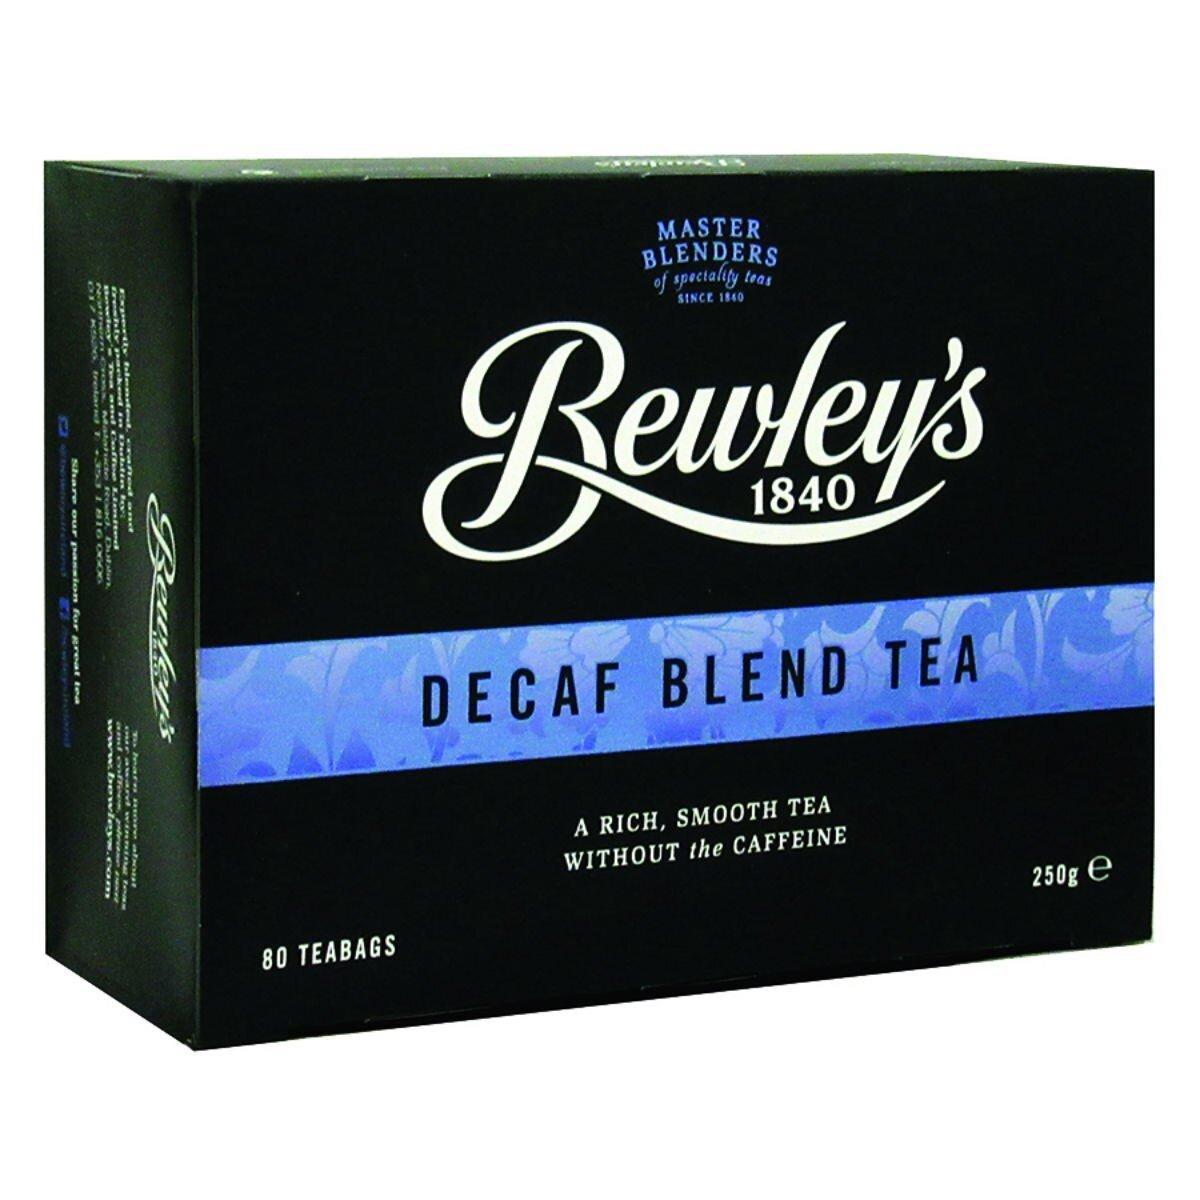 Bewley's Decaf blend tea